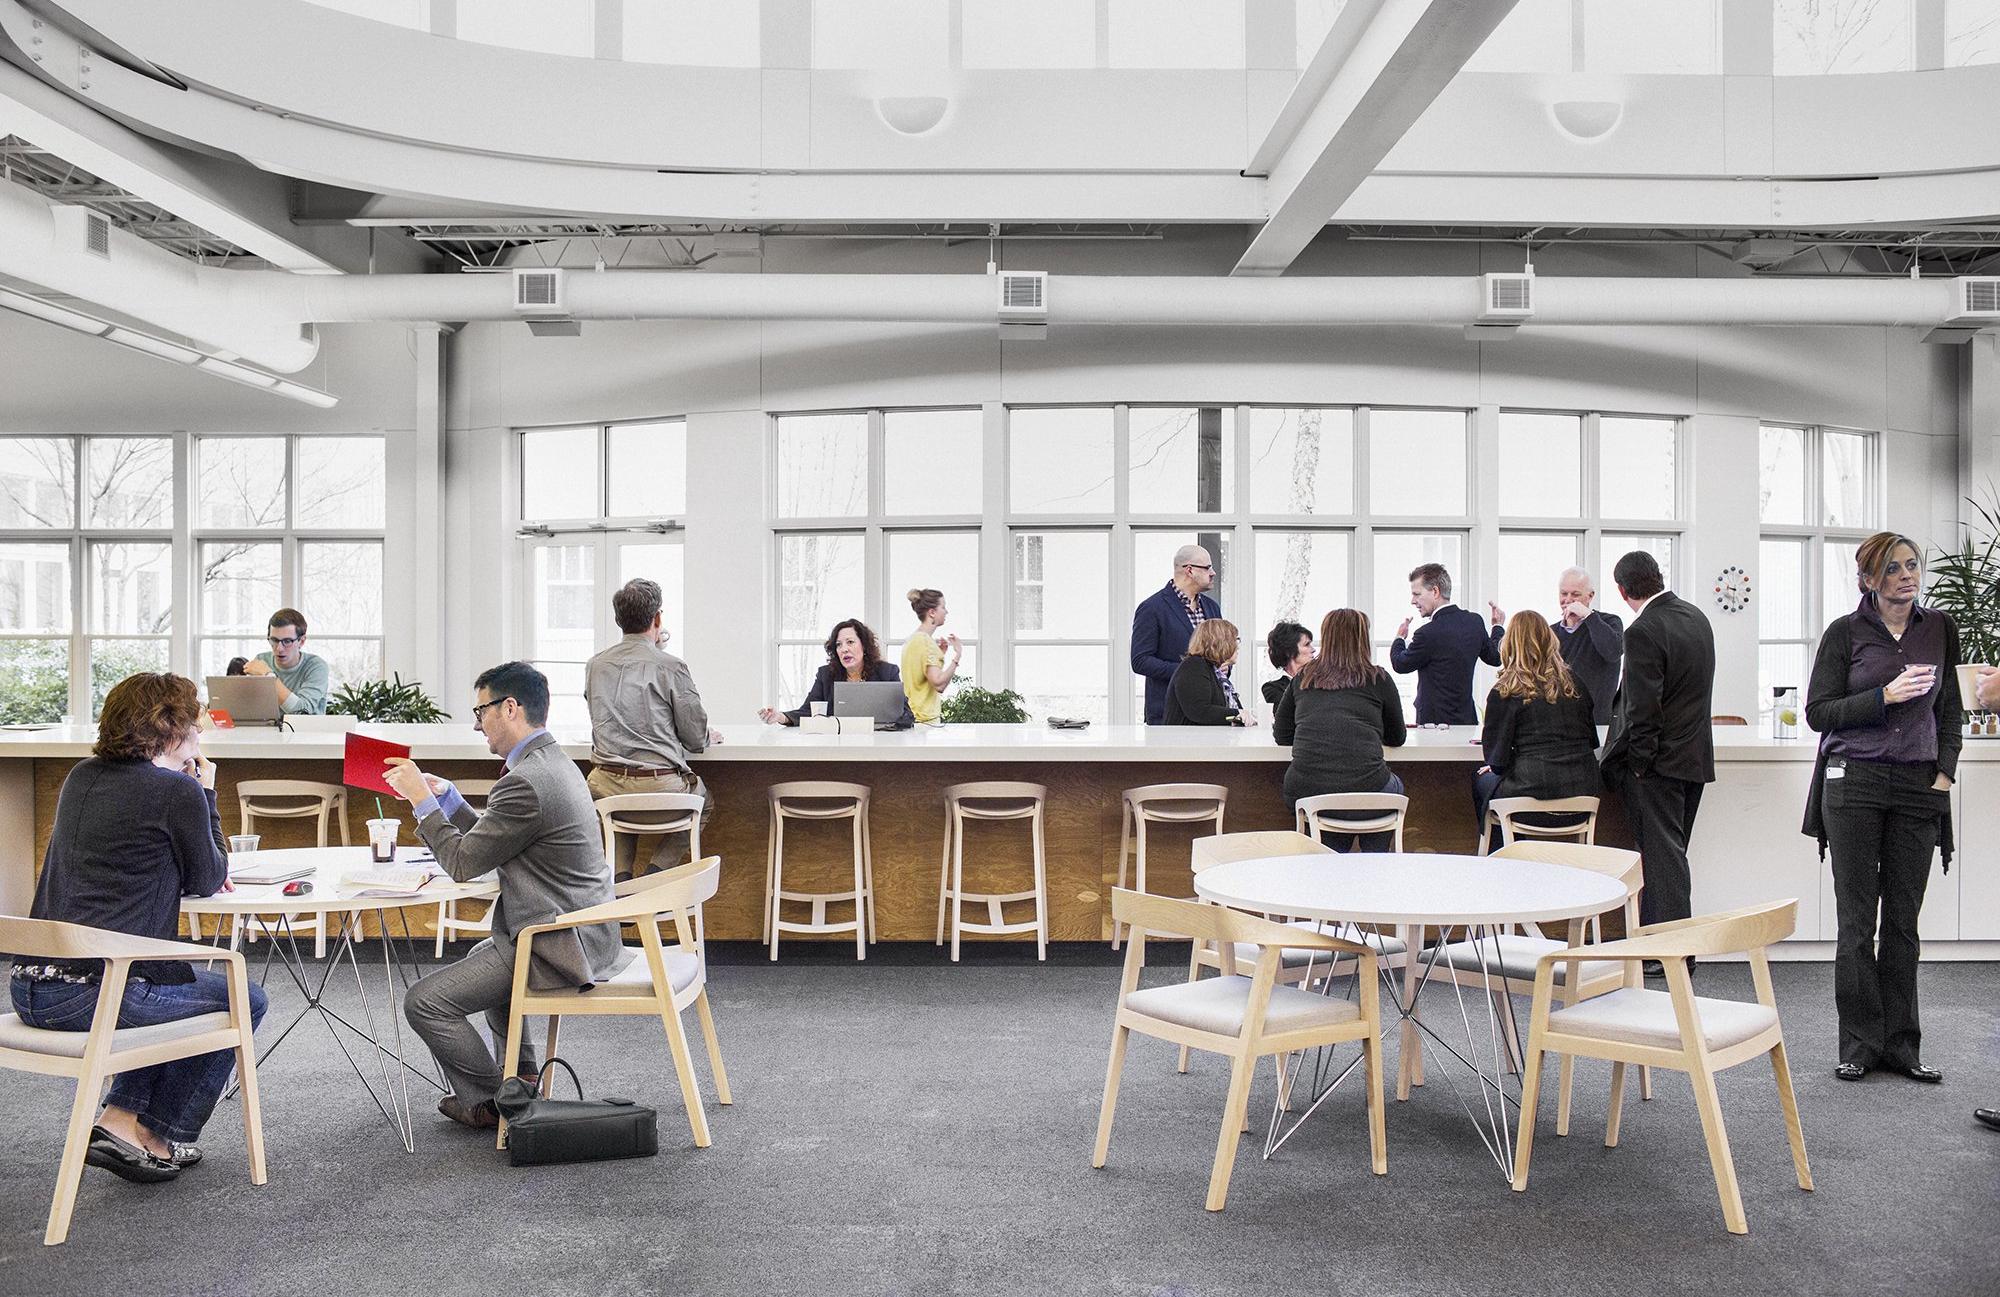 Claves para construir espacios de trabajo colaborativos for Free people store decor